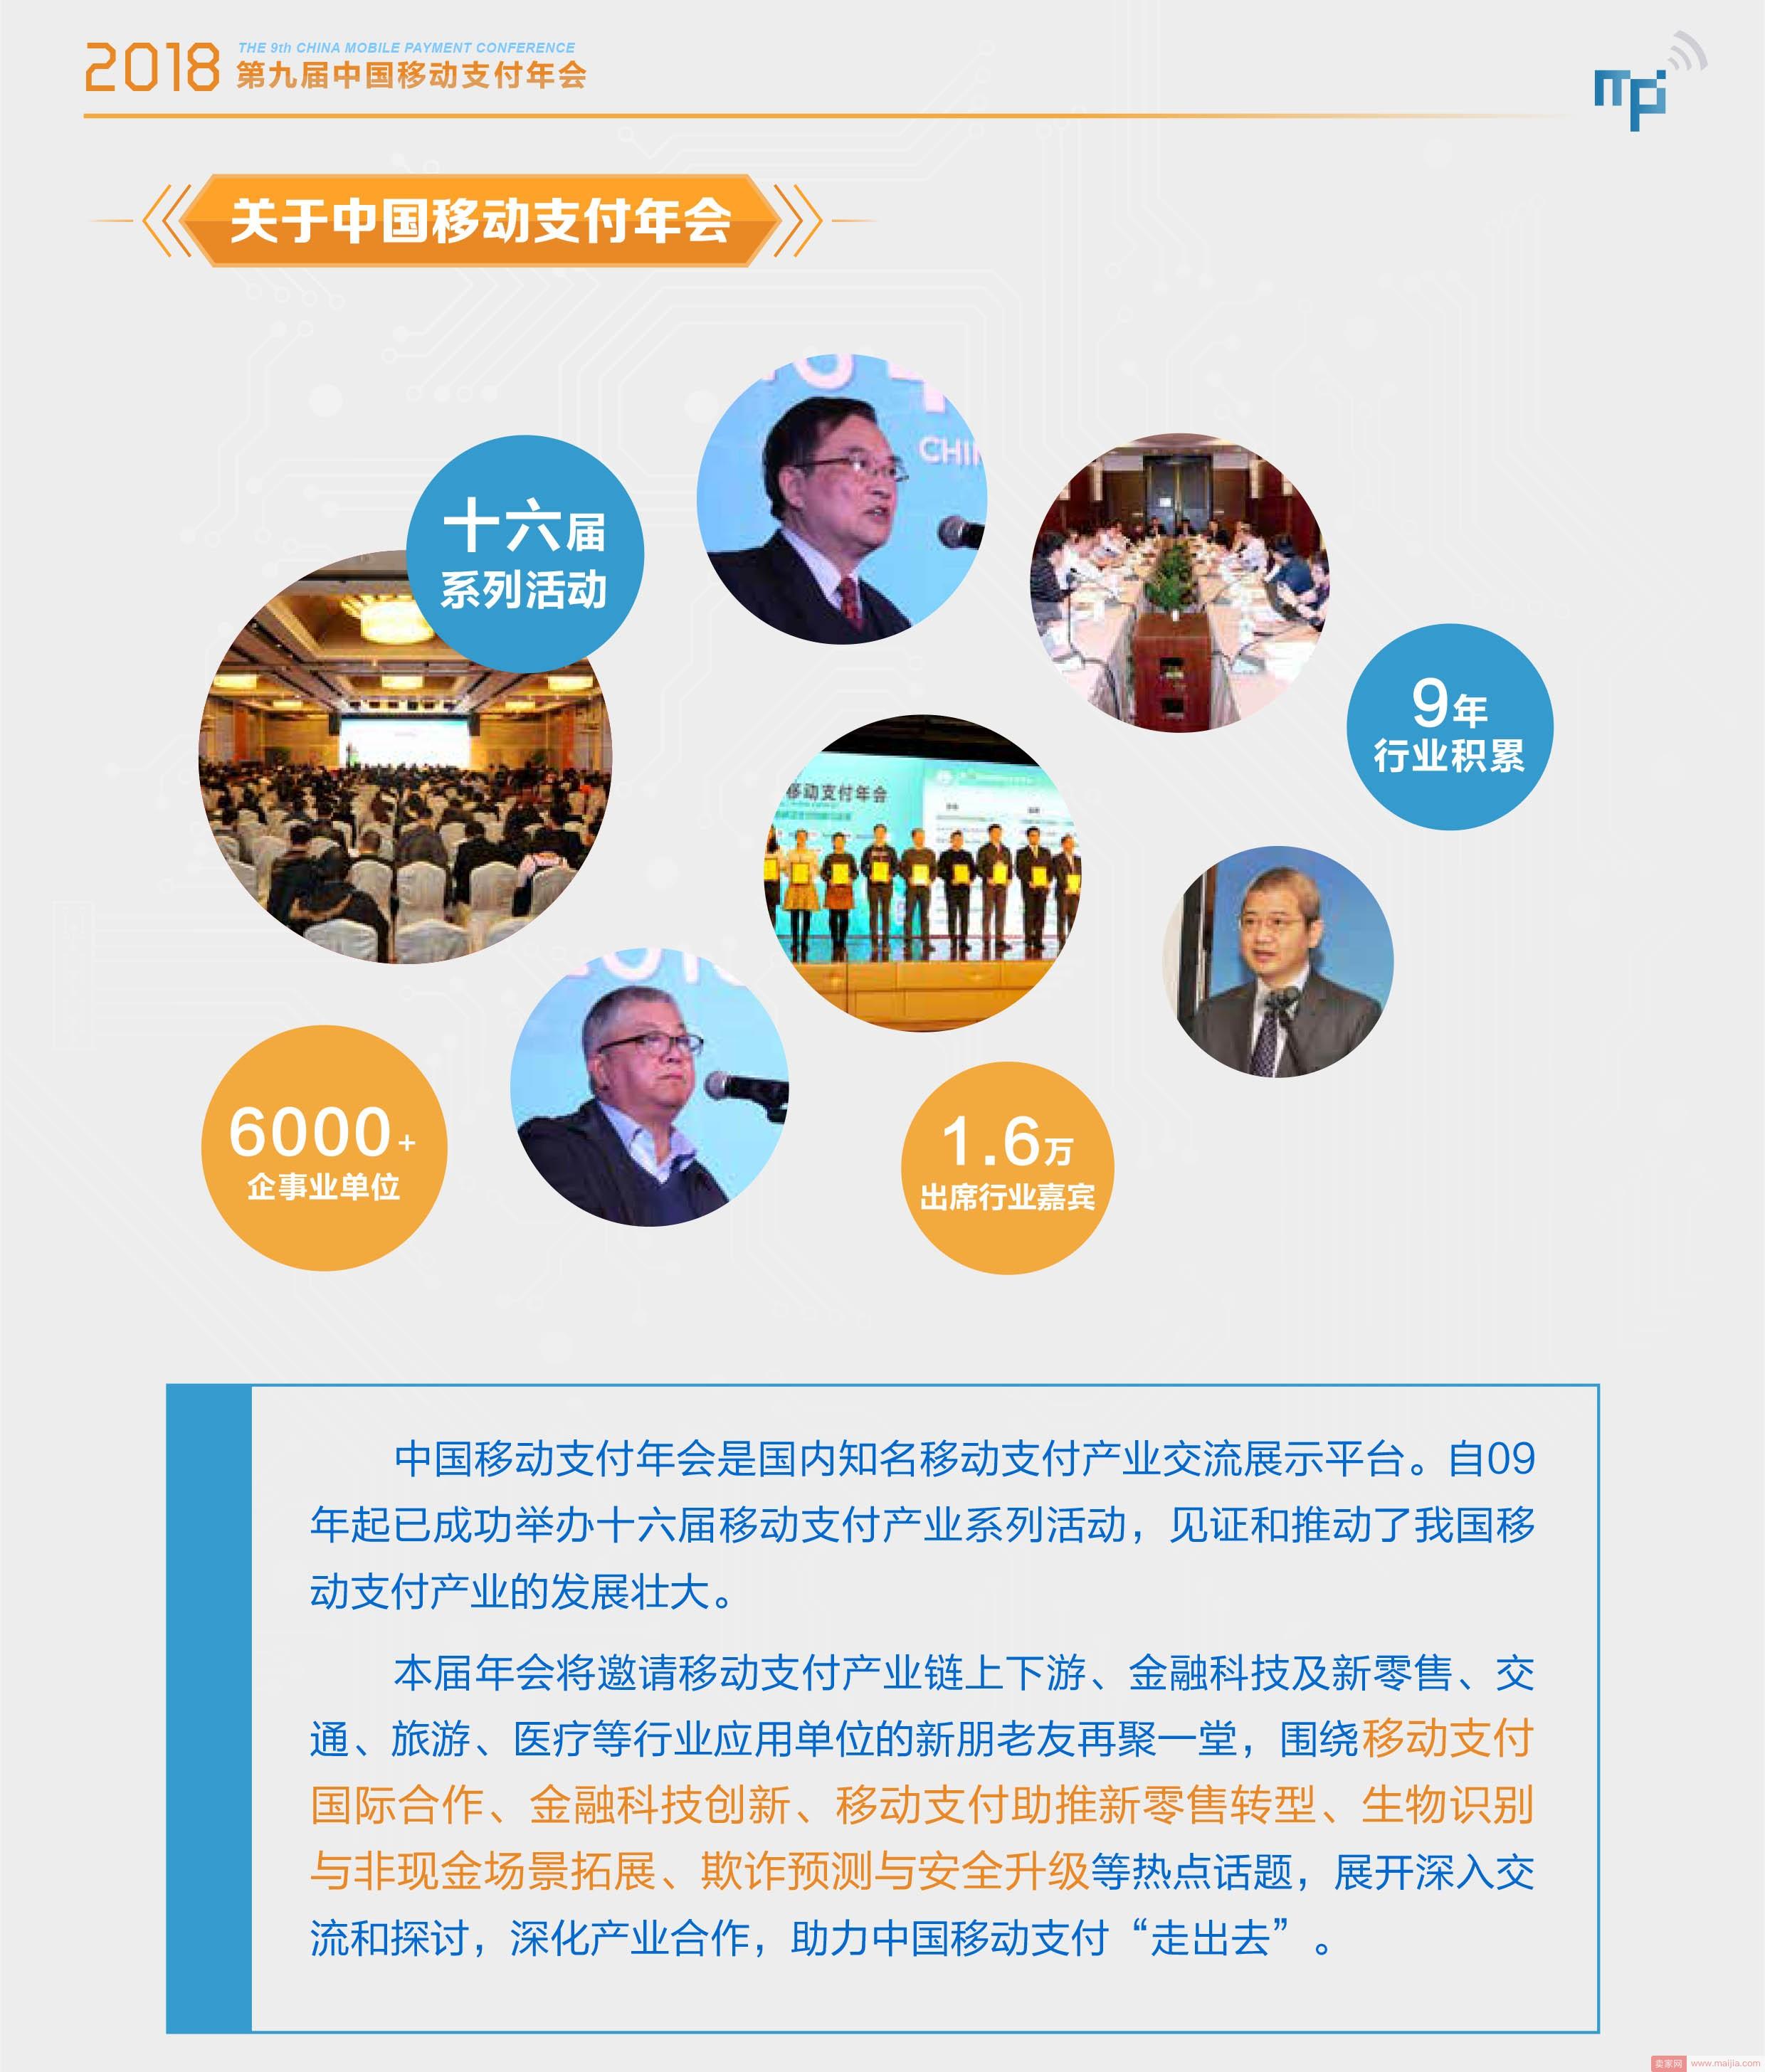 2018第九届中国移动支付年会暨金融科技创新峰会